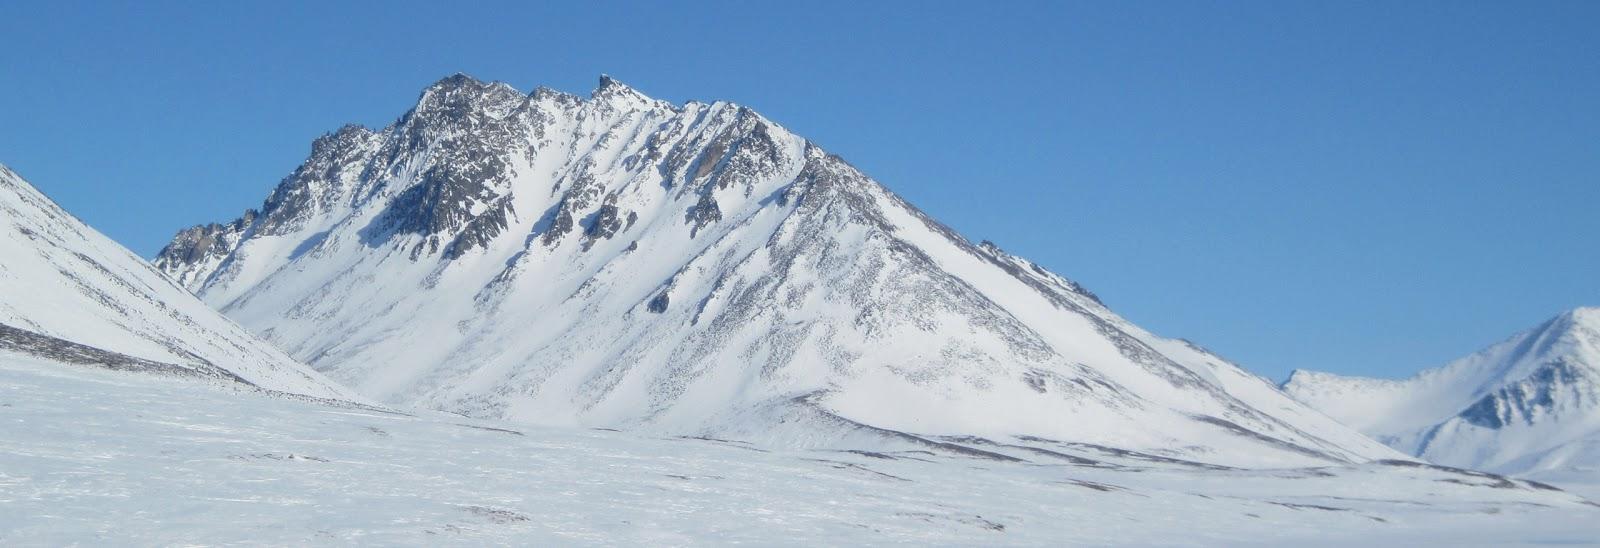 Mount Osborn